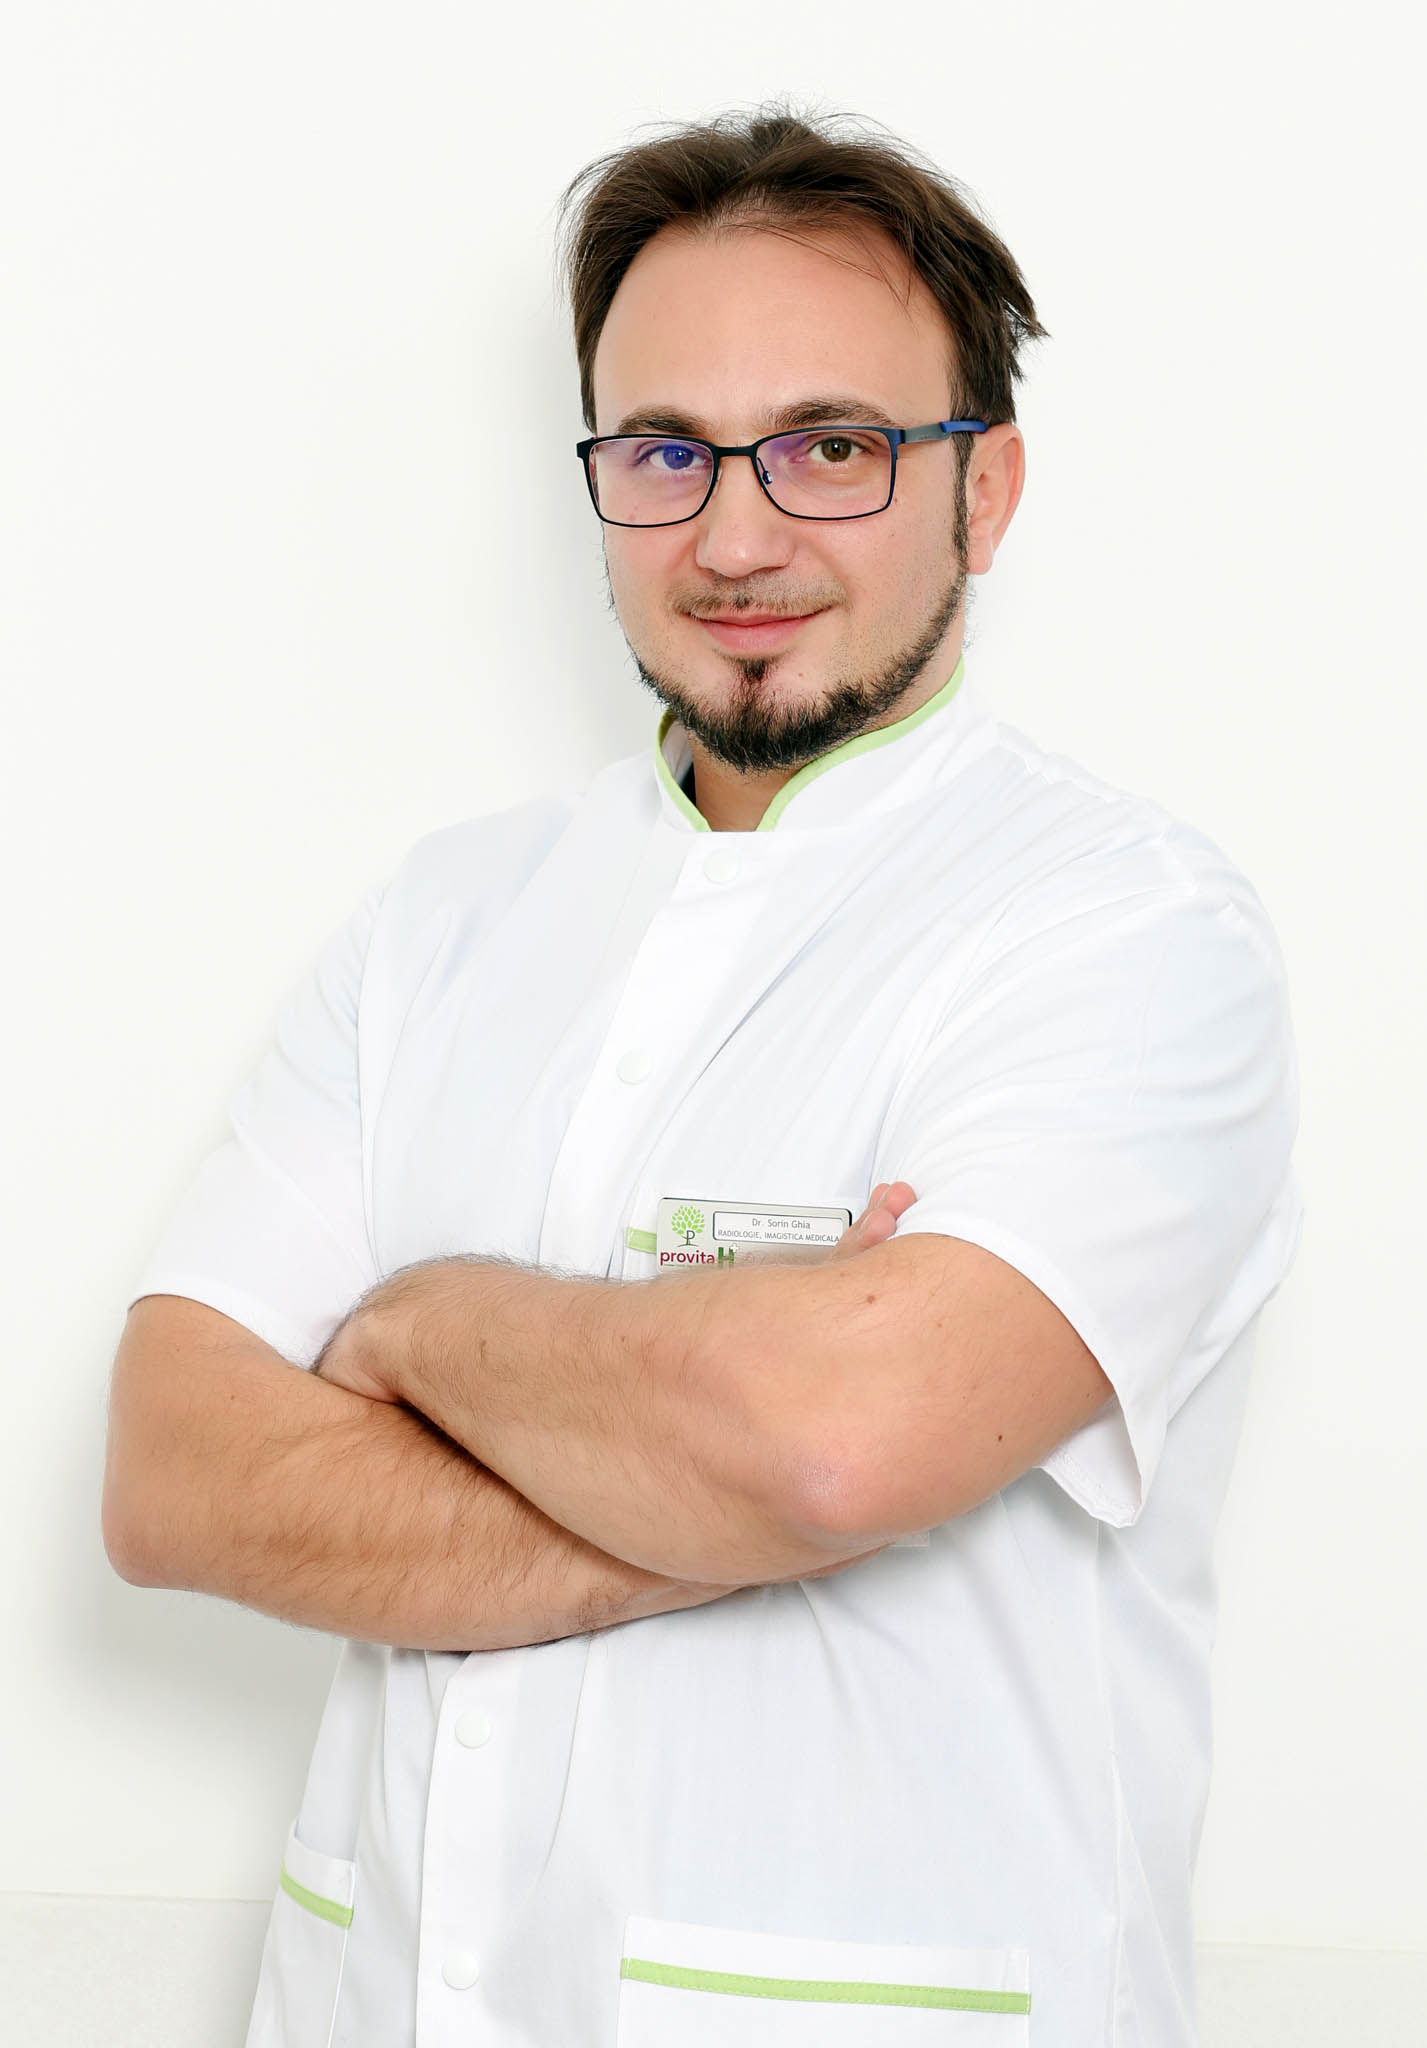 Dr. Ghiea Sorin